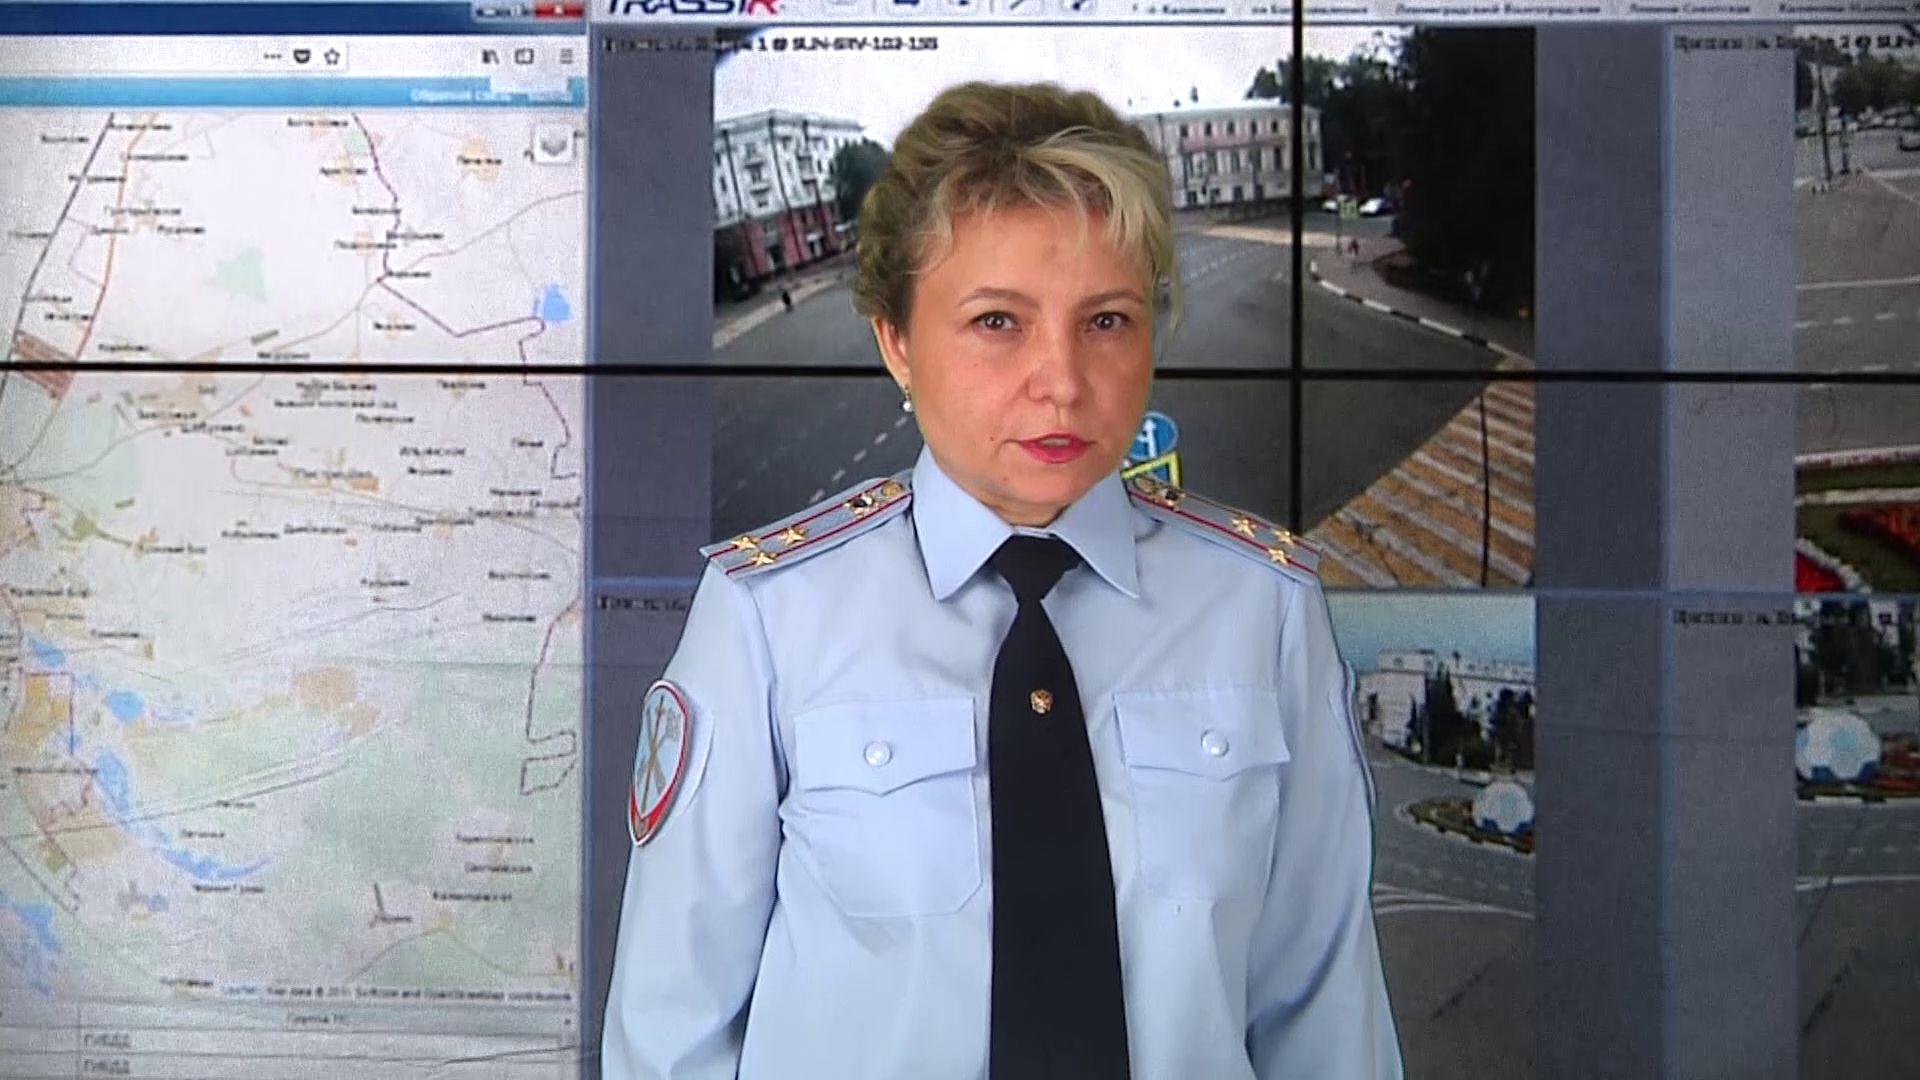 Ярославская полиция разыскивает телефонного мошенника